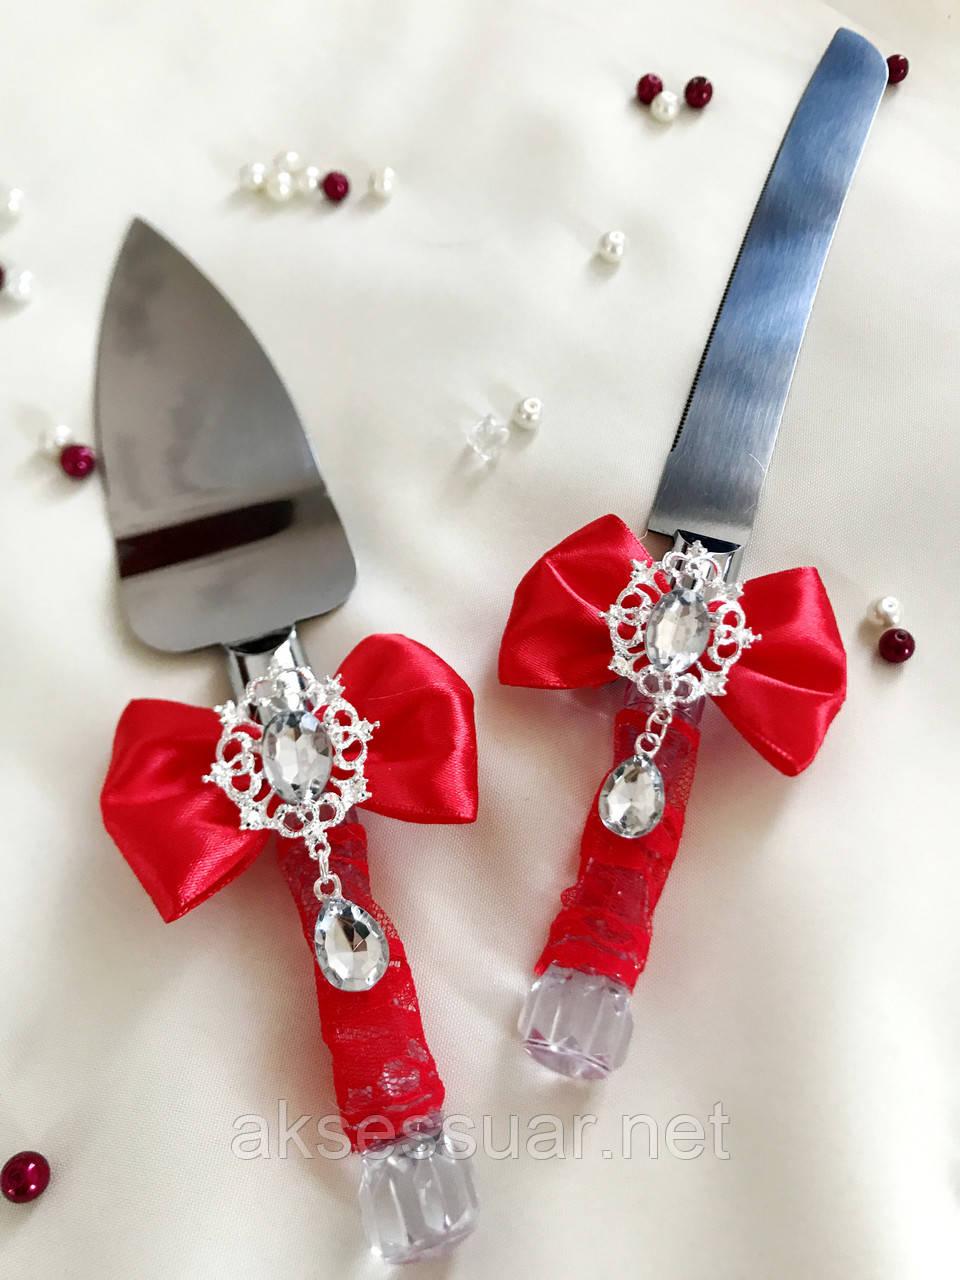 Нож и лопатка для свадебного торта